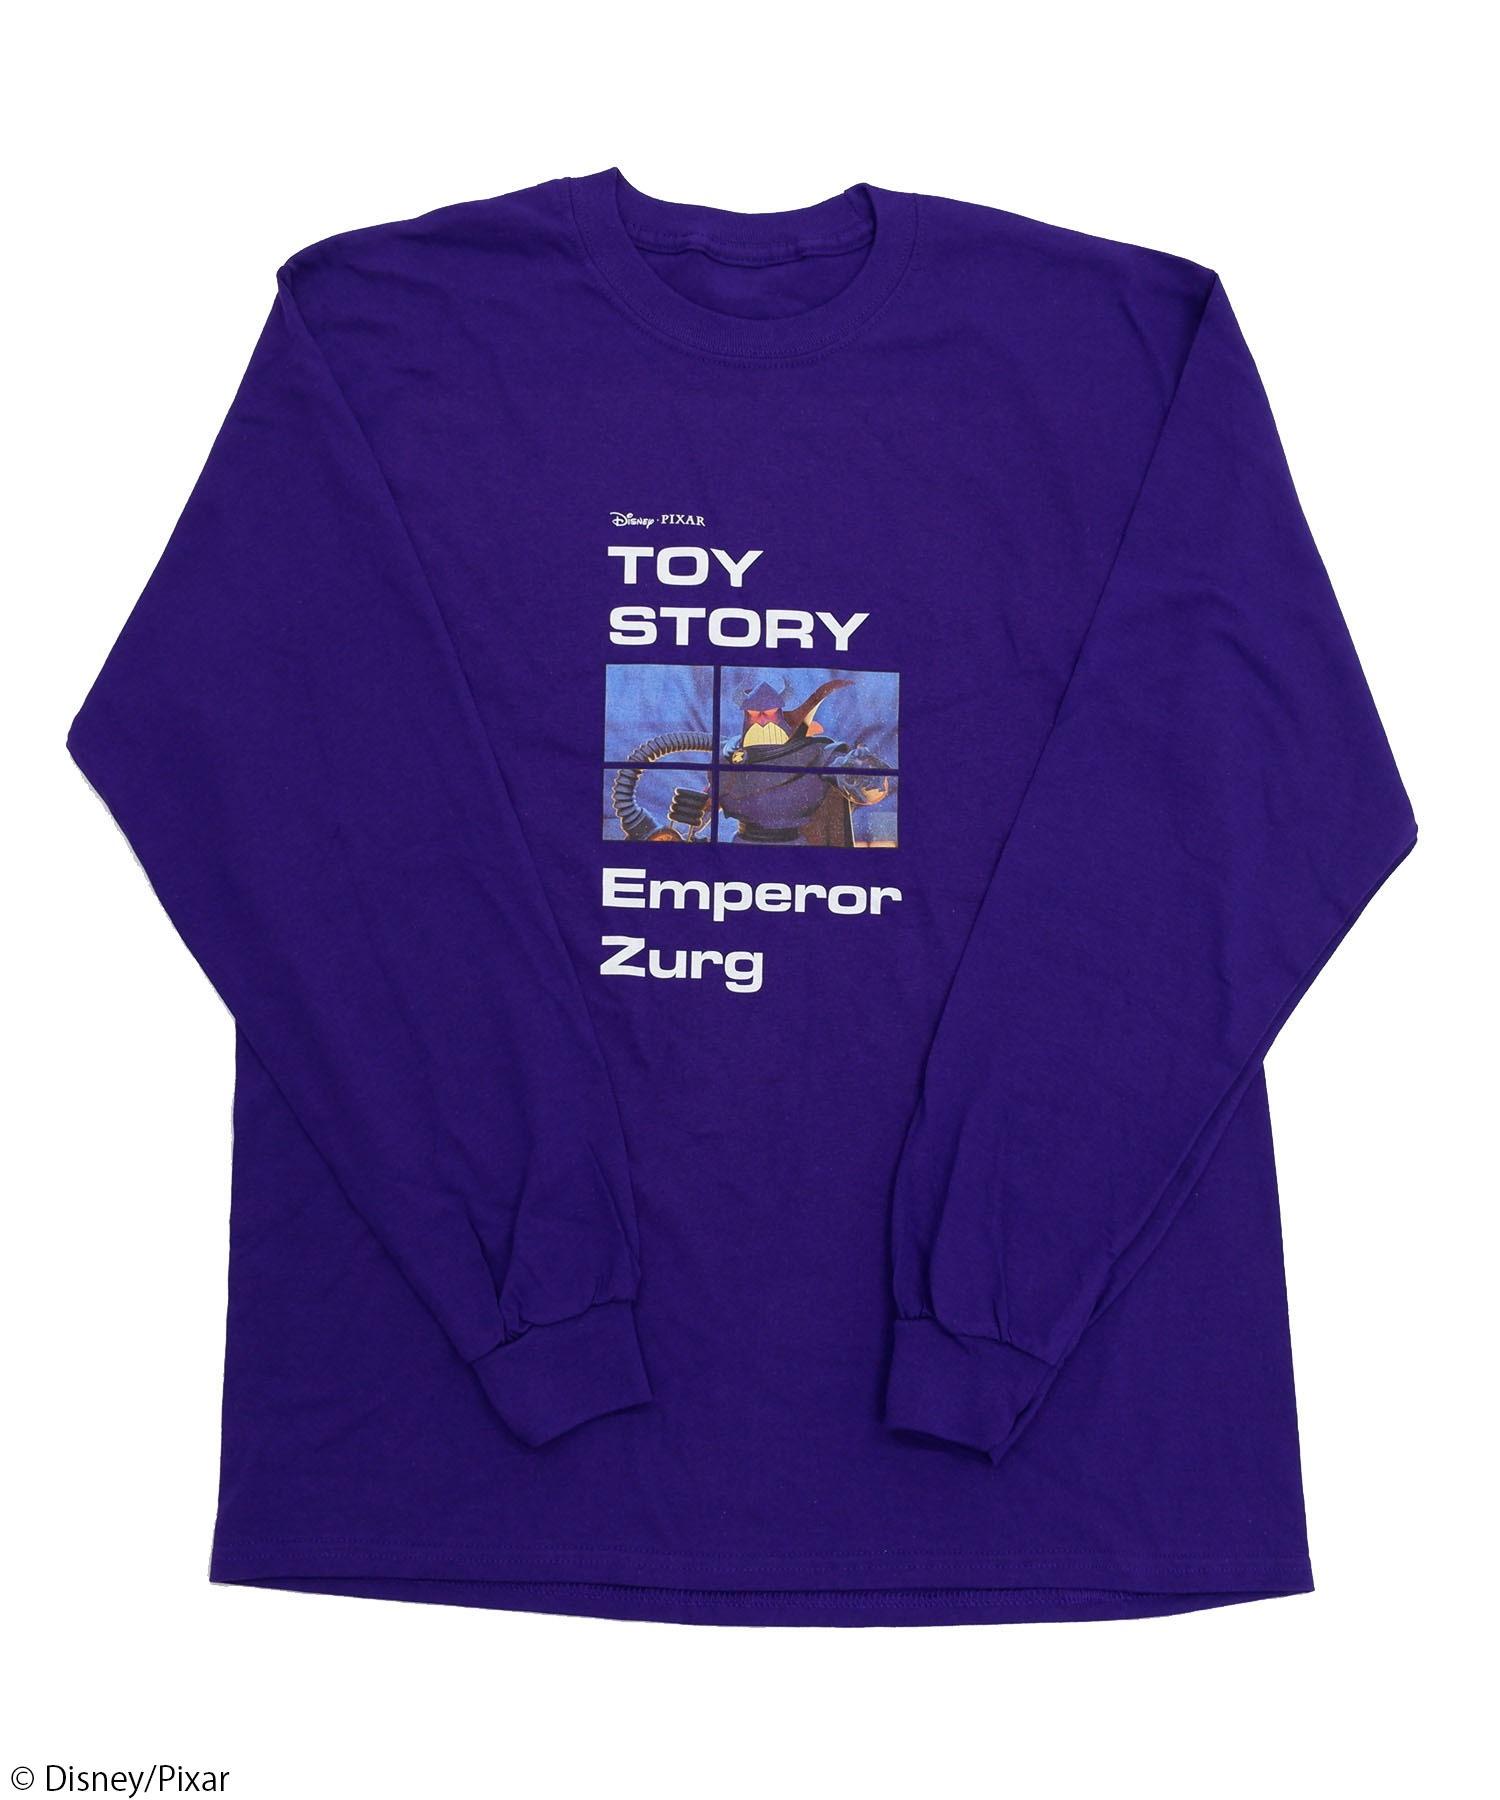 【Disney/Pixar/ディズニー&ピクサー/トイ・ストーリー/ザーグ】ロングTシャツ